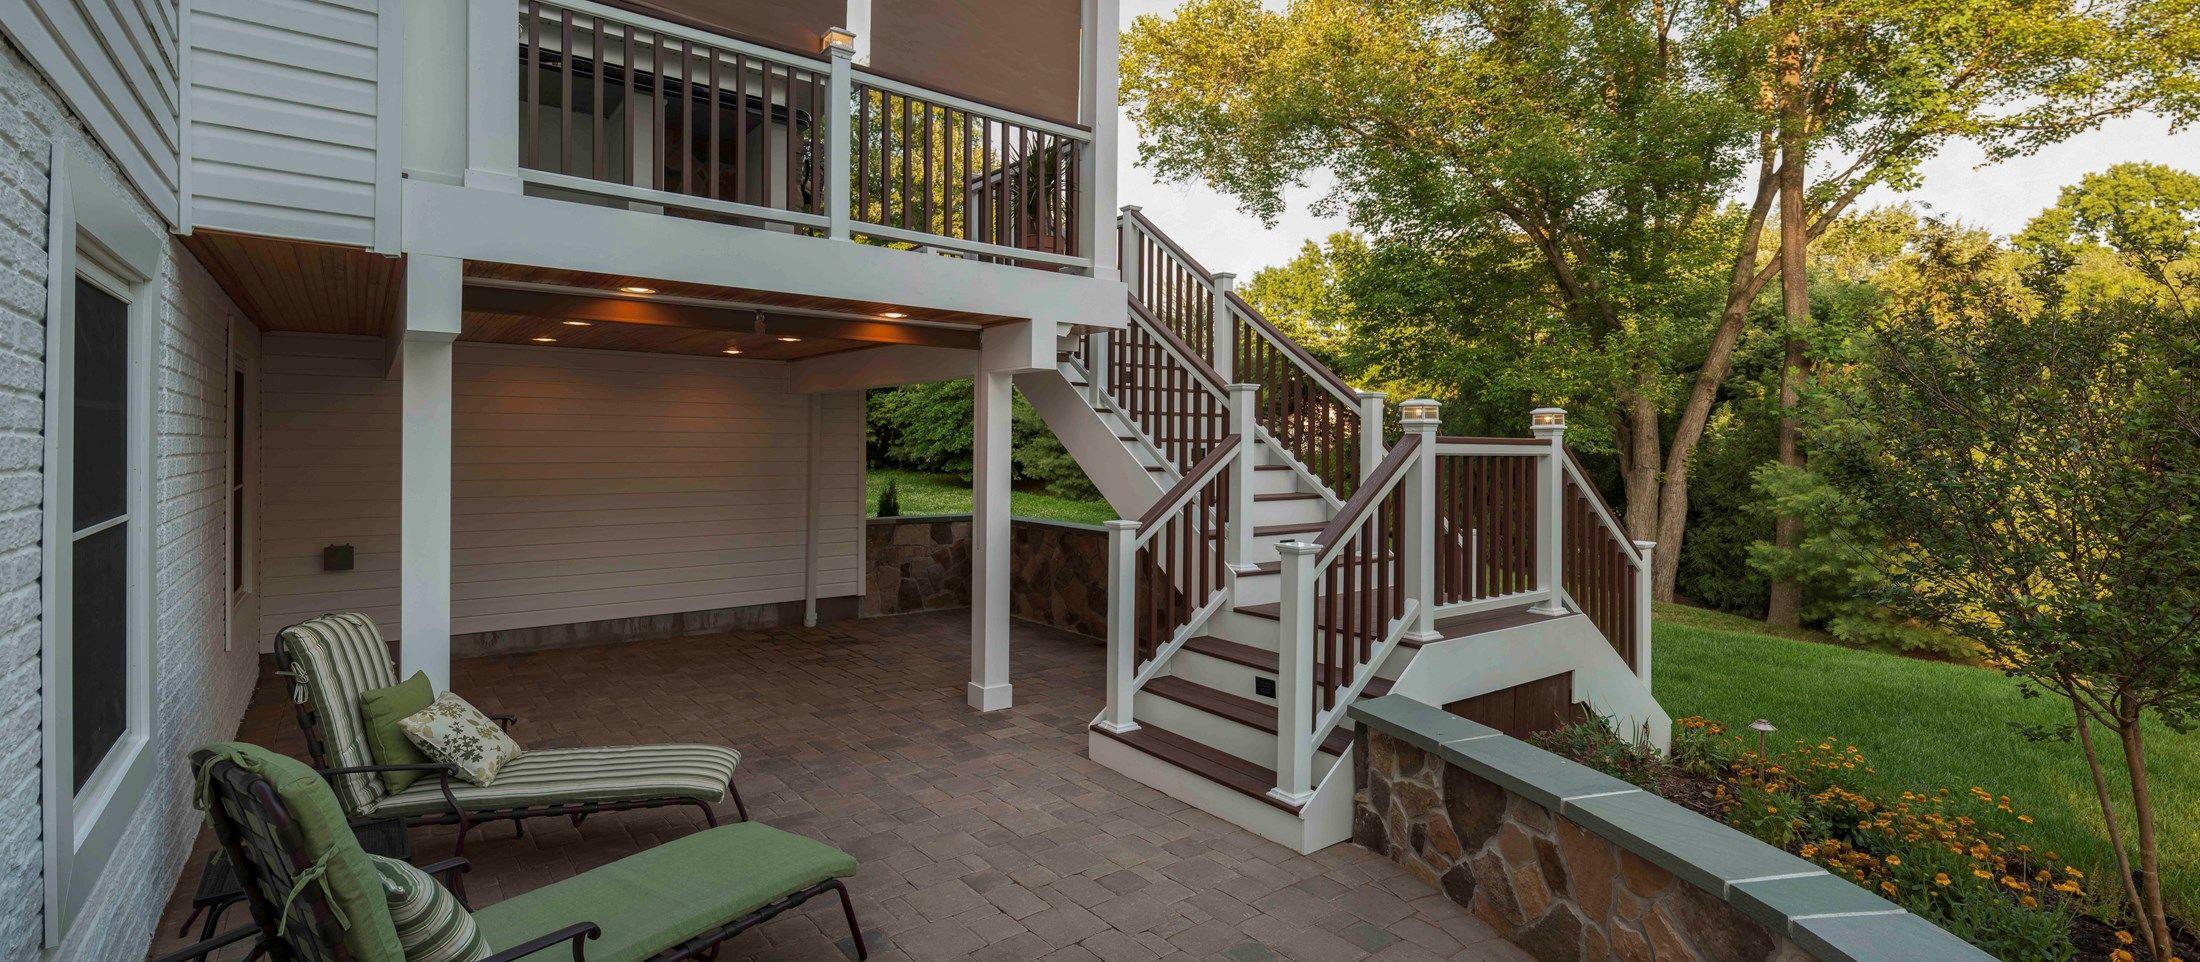 Ellicot City porch - Picture 1361